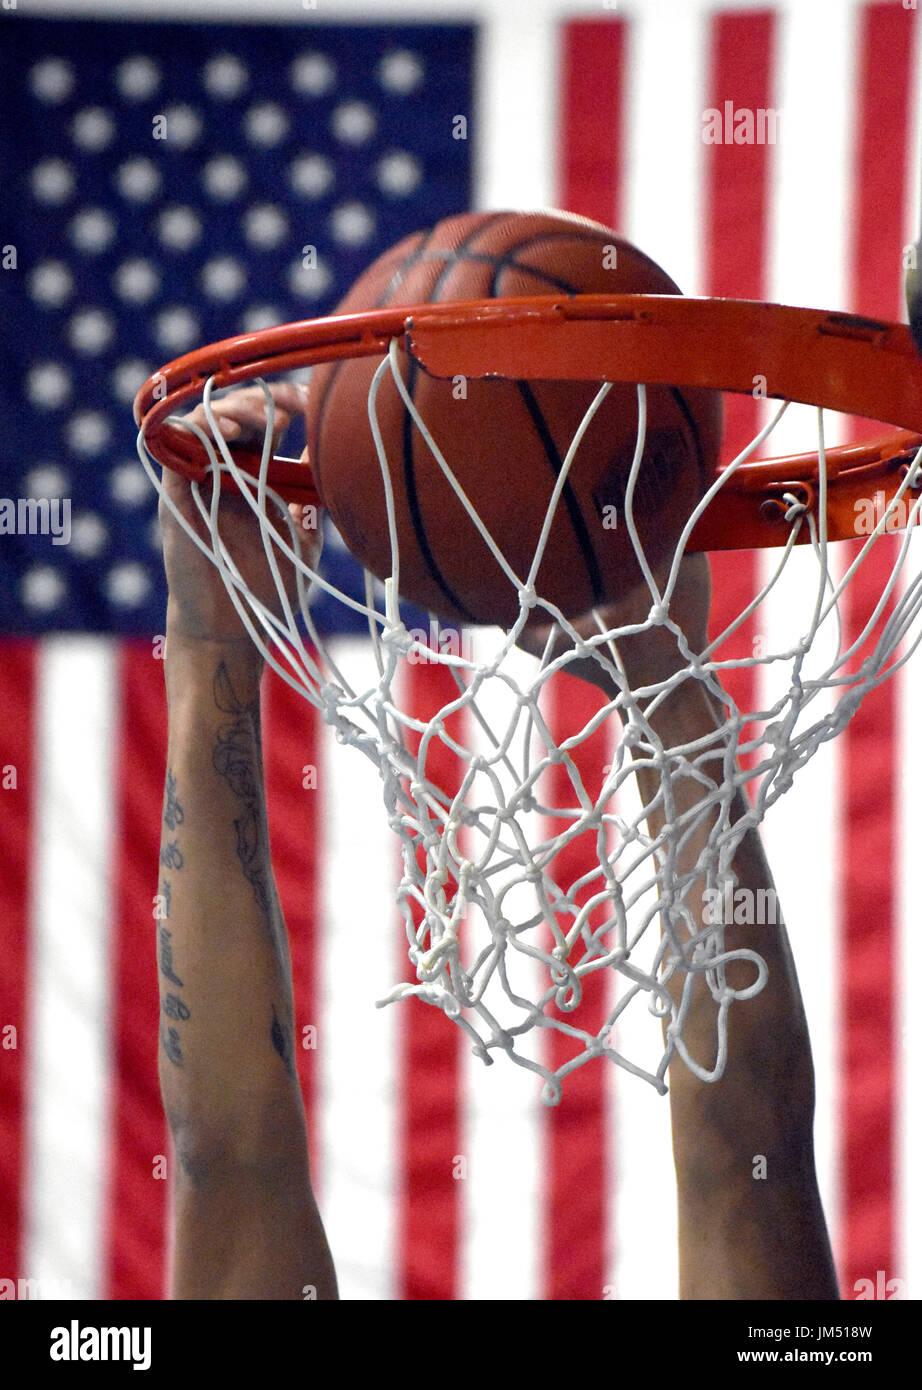 Eine Nahaufnahme eines Basketballs wird getaucht in den Korb mit einer amerikanischen Flagge im Hintergrund Stockbild